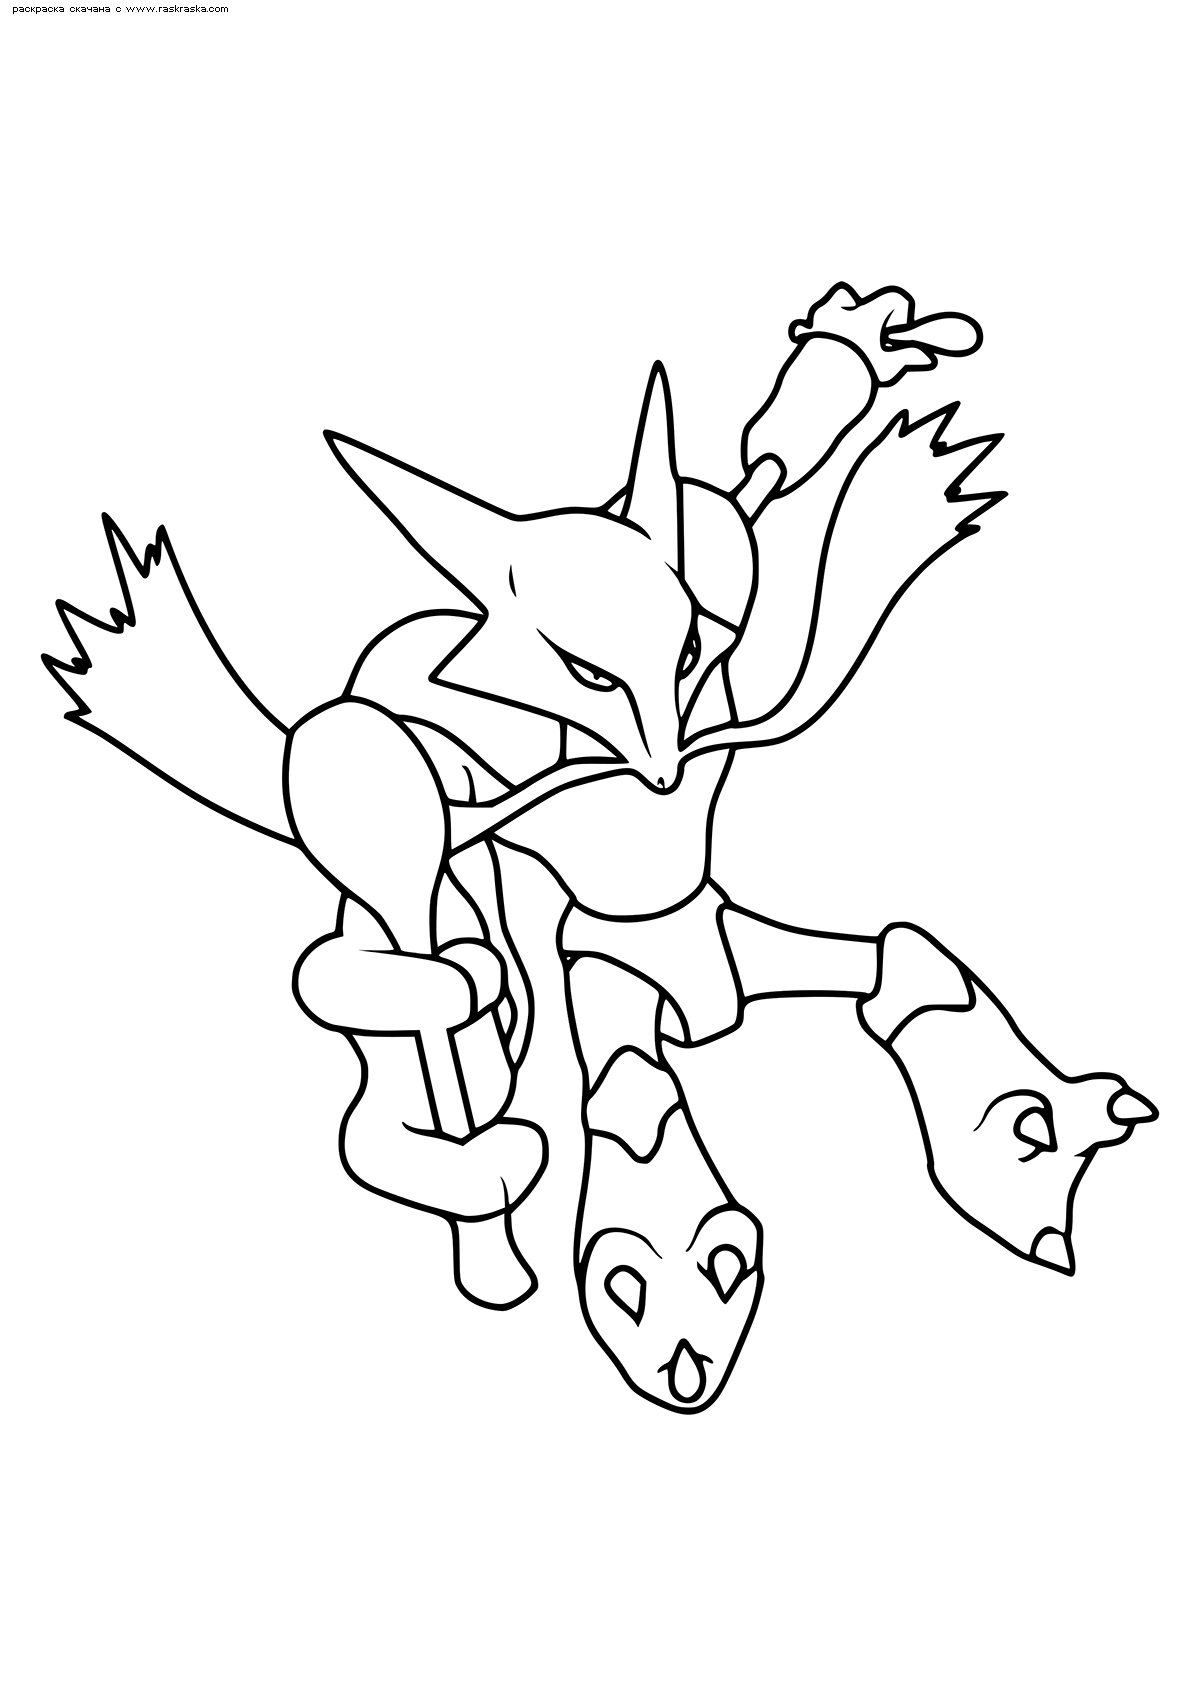 Раскраска Покемон Алаказам (Alakazam) | Раскраски эволюция ...